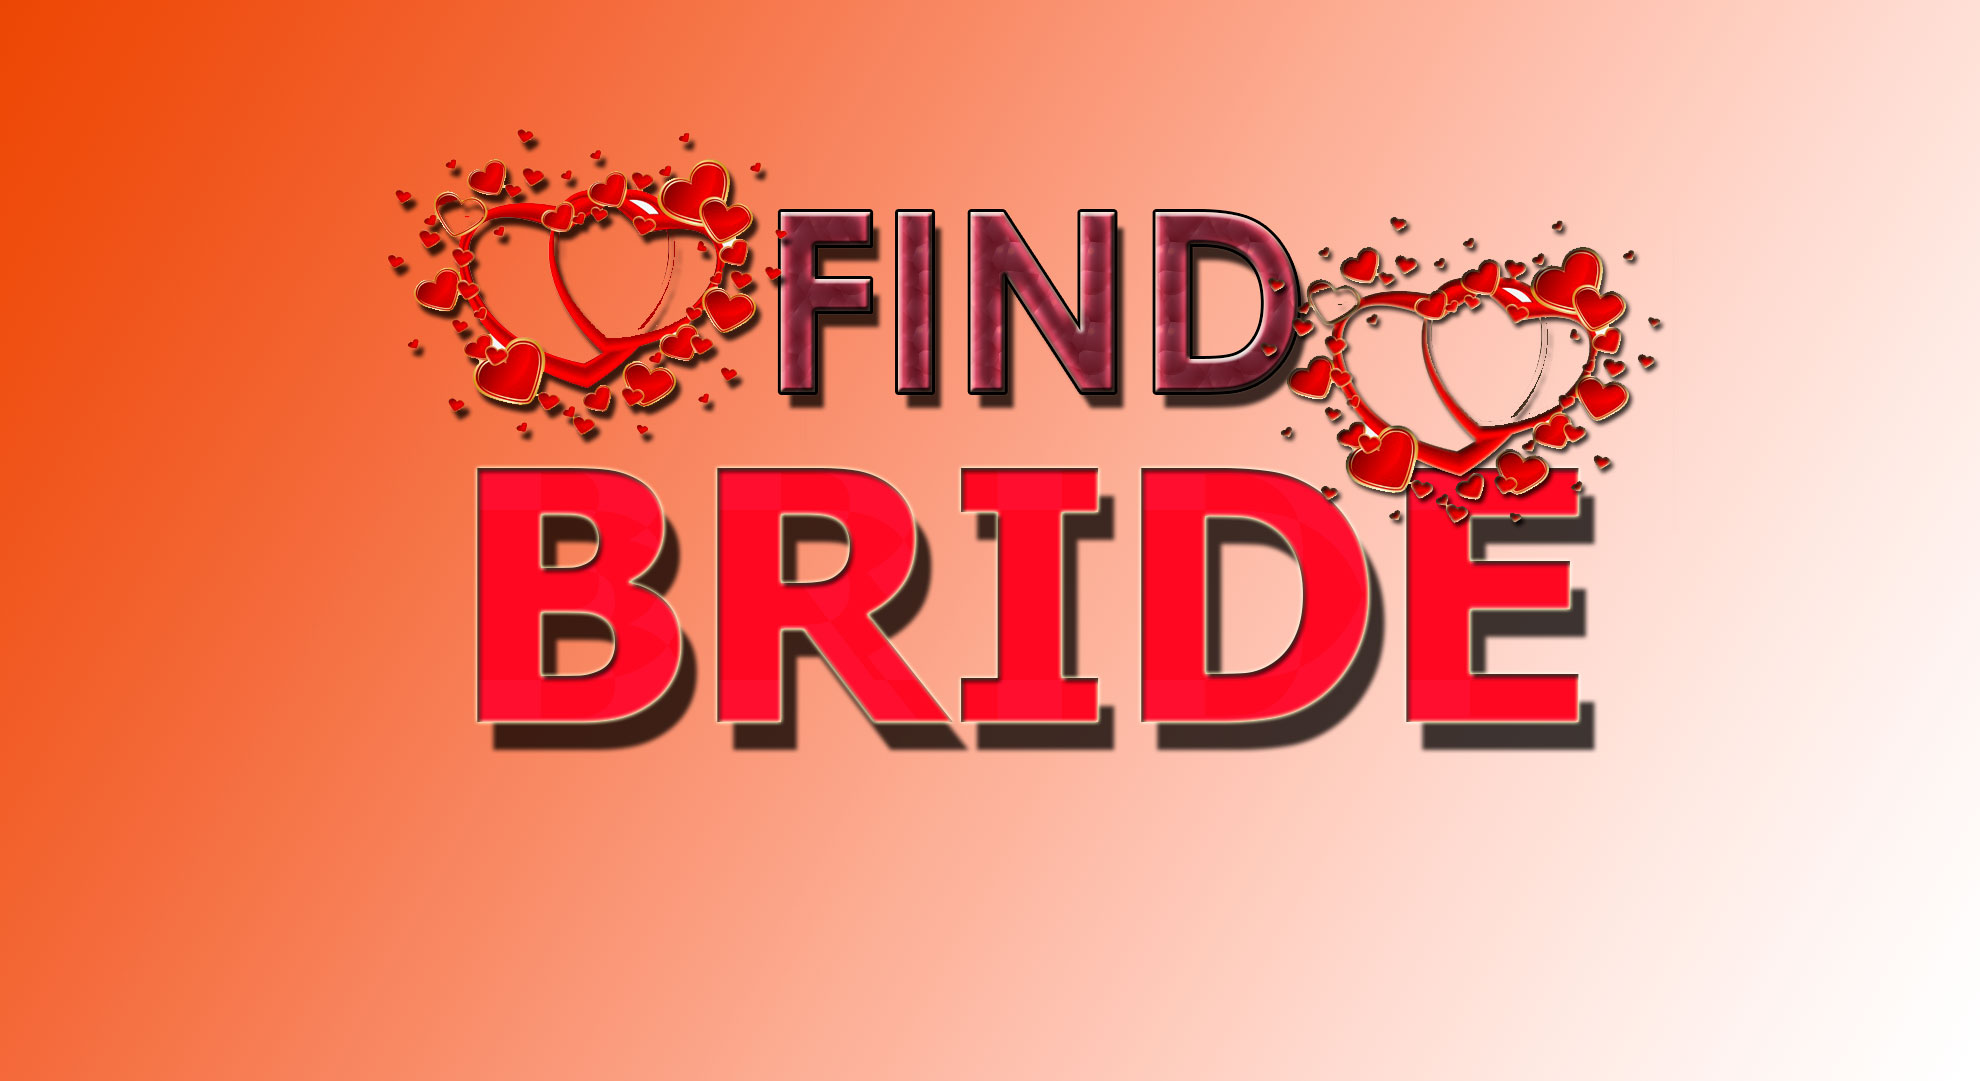 Нарисовать логотип сайта знакомств фото f_3325ad24bcae78df.jpg